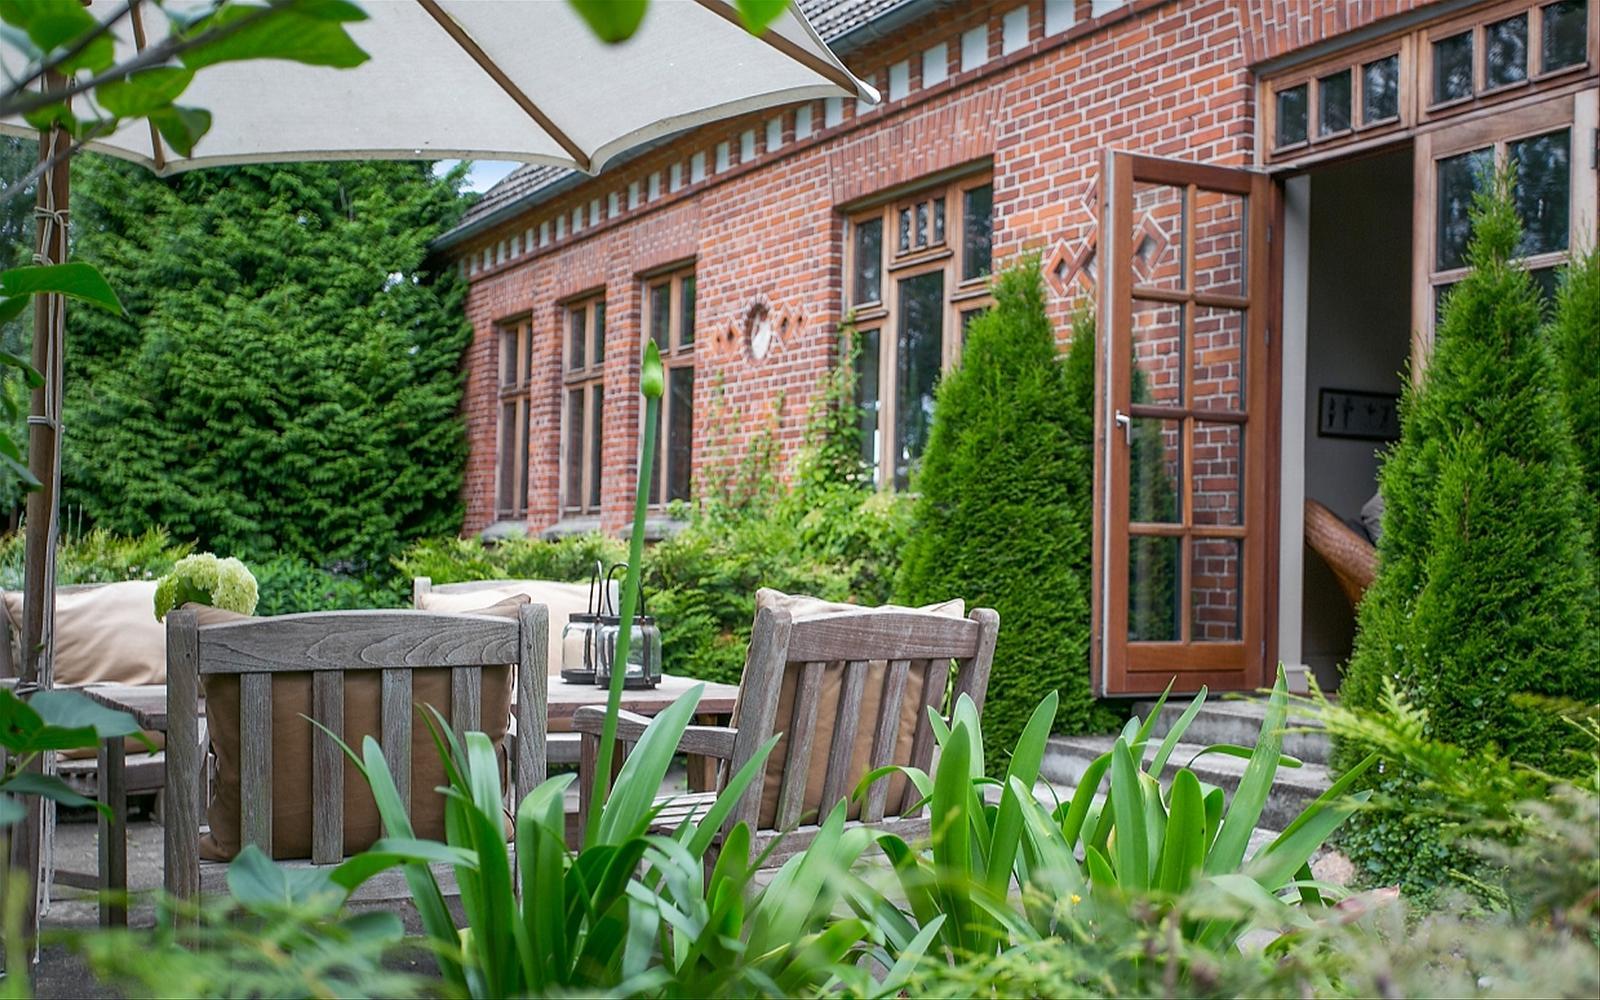 загородный кирпичный дом двери ступени окна садовая мебель